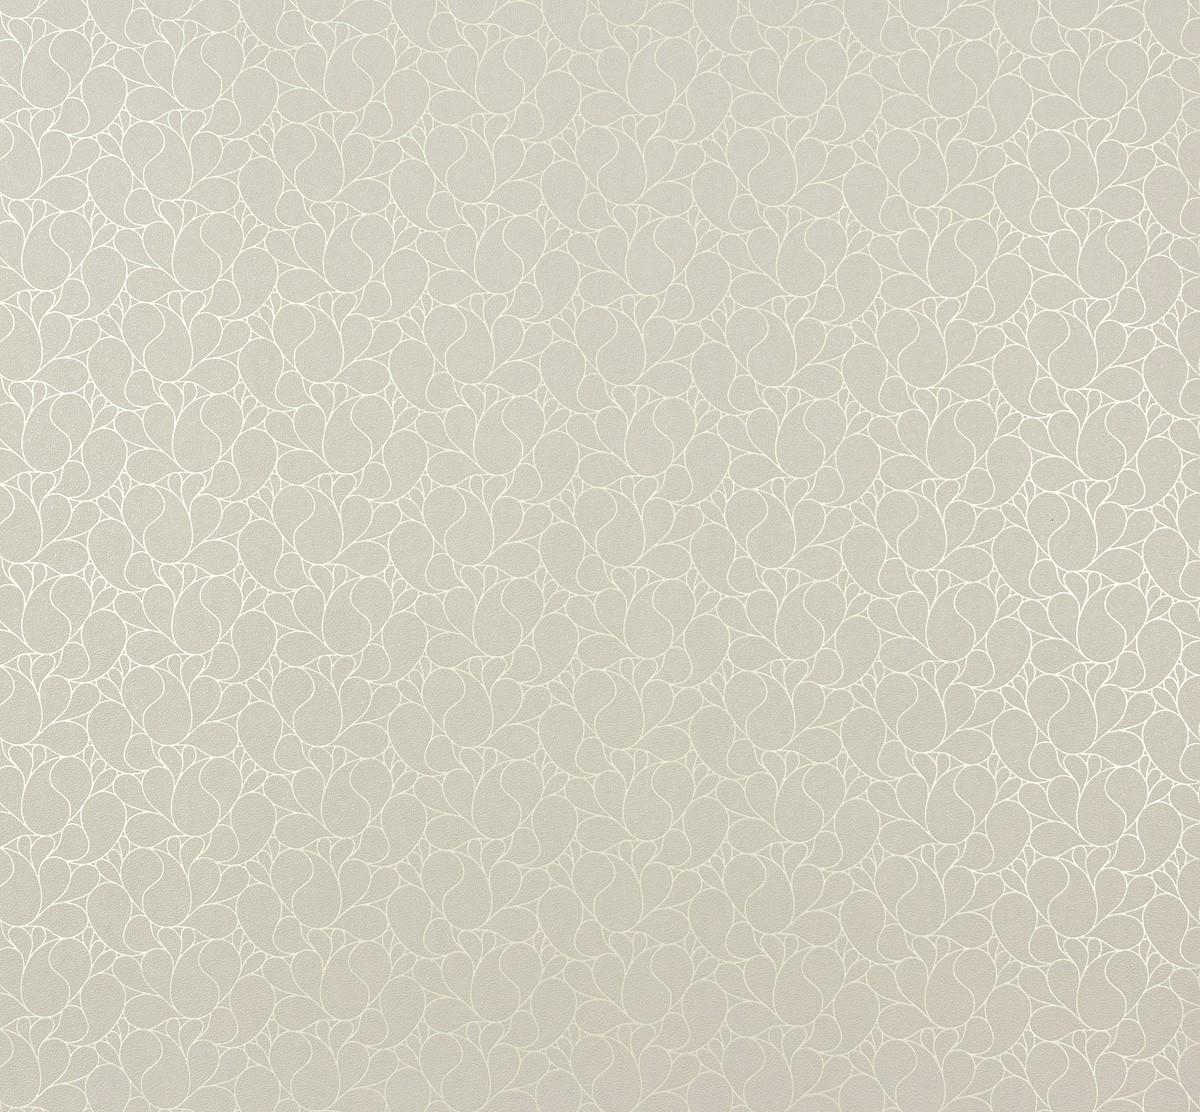 Non woven wallpaper marburg 55416 design grey beige - Tapete schlafzimmer beige ...